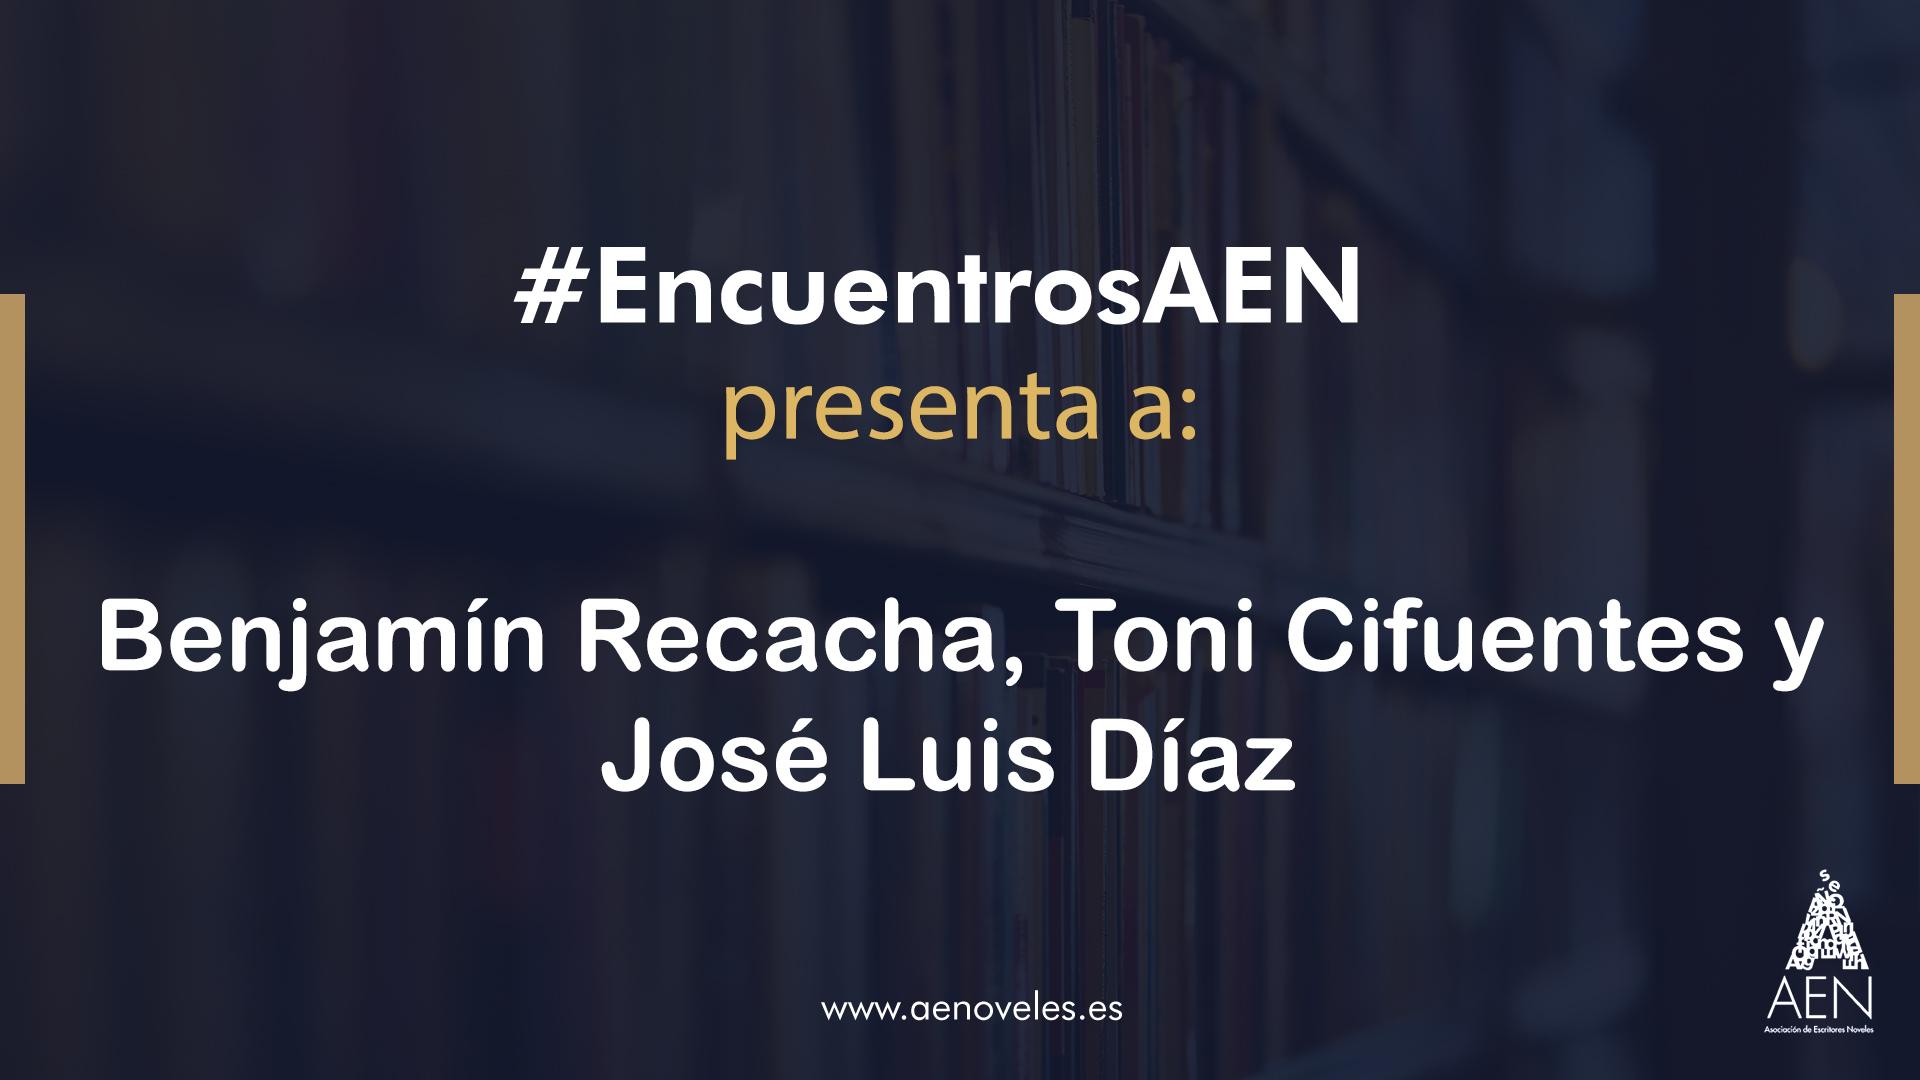 EncuentroAEN con Benjamín Recacha-Toni Cifuentes-Jose Luis Díaz